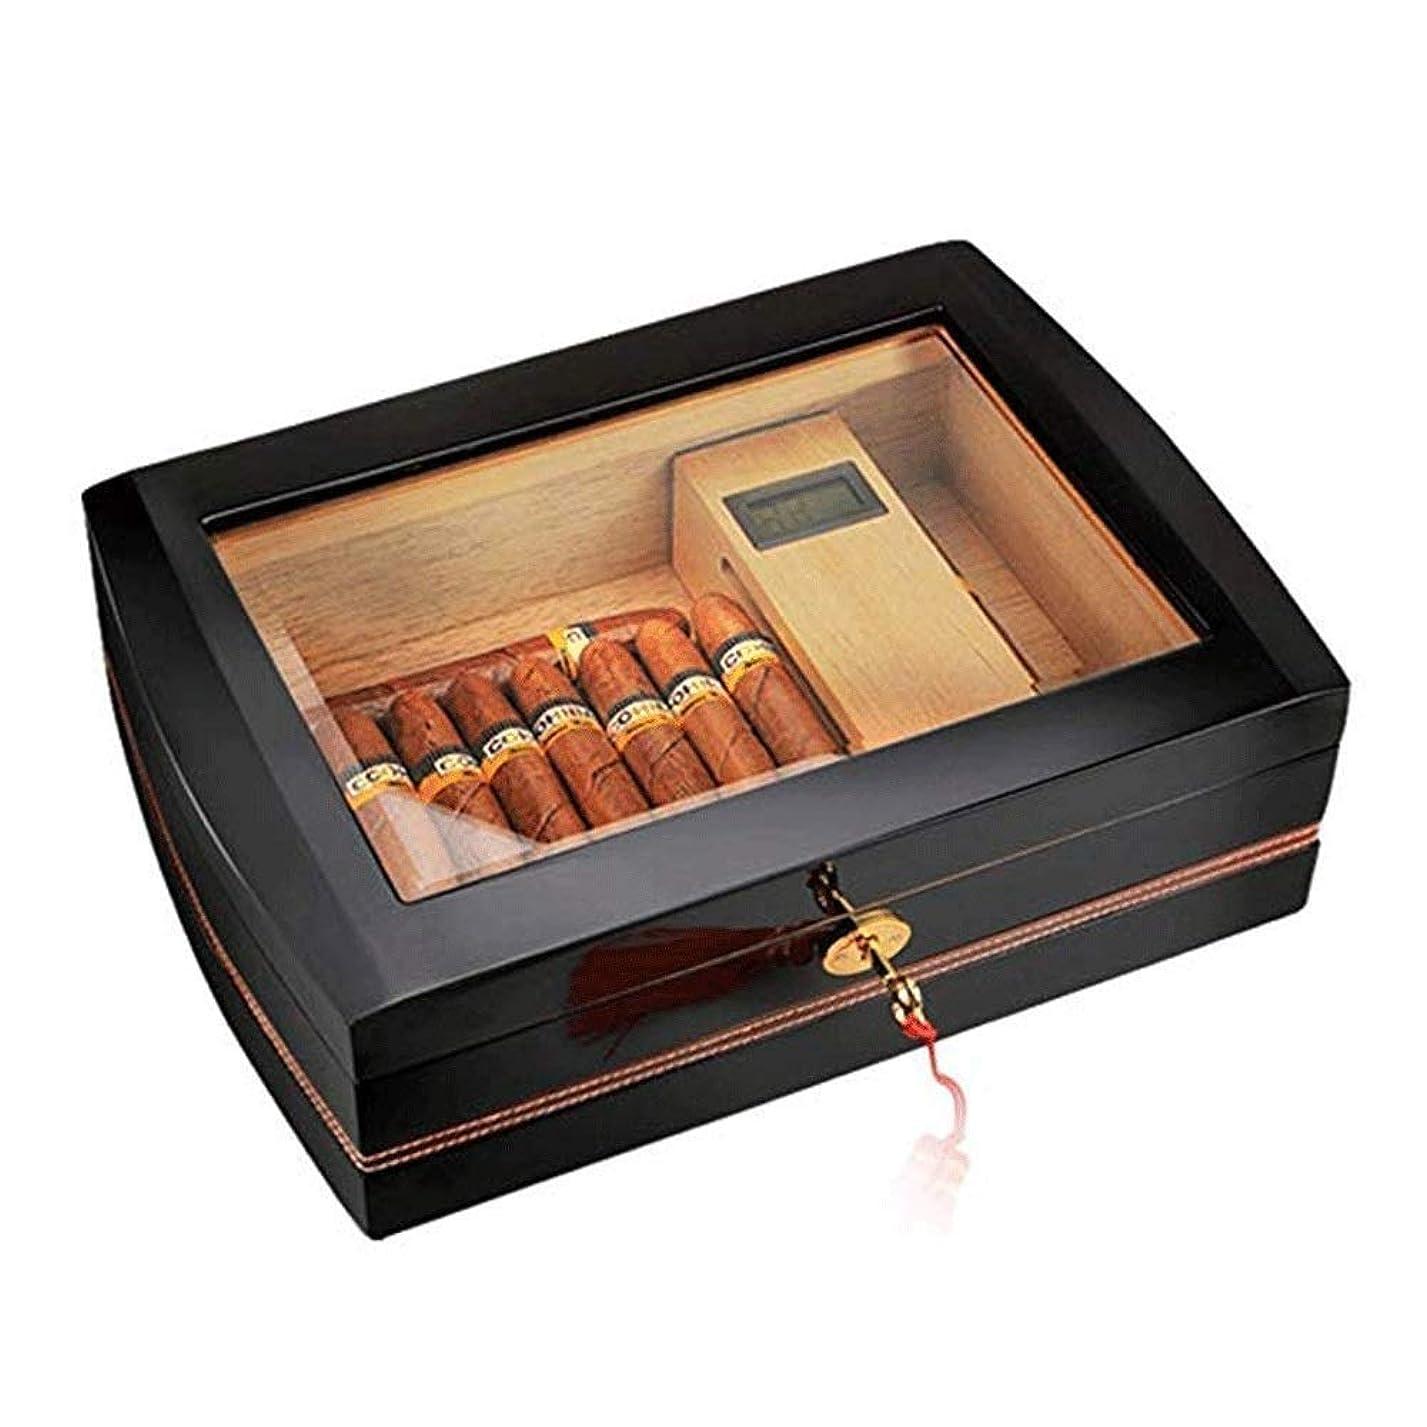 スラム全体盆シガーボックス、シガーヒュミドール シガーボックスヒュミドール、透明なまろやかな木材大容量保湿ボックス保湿シガレットケース卵収納ボックス木製ボックスシガレットボックスシガーキャビネット